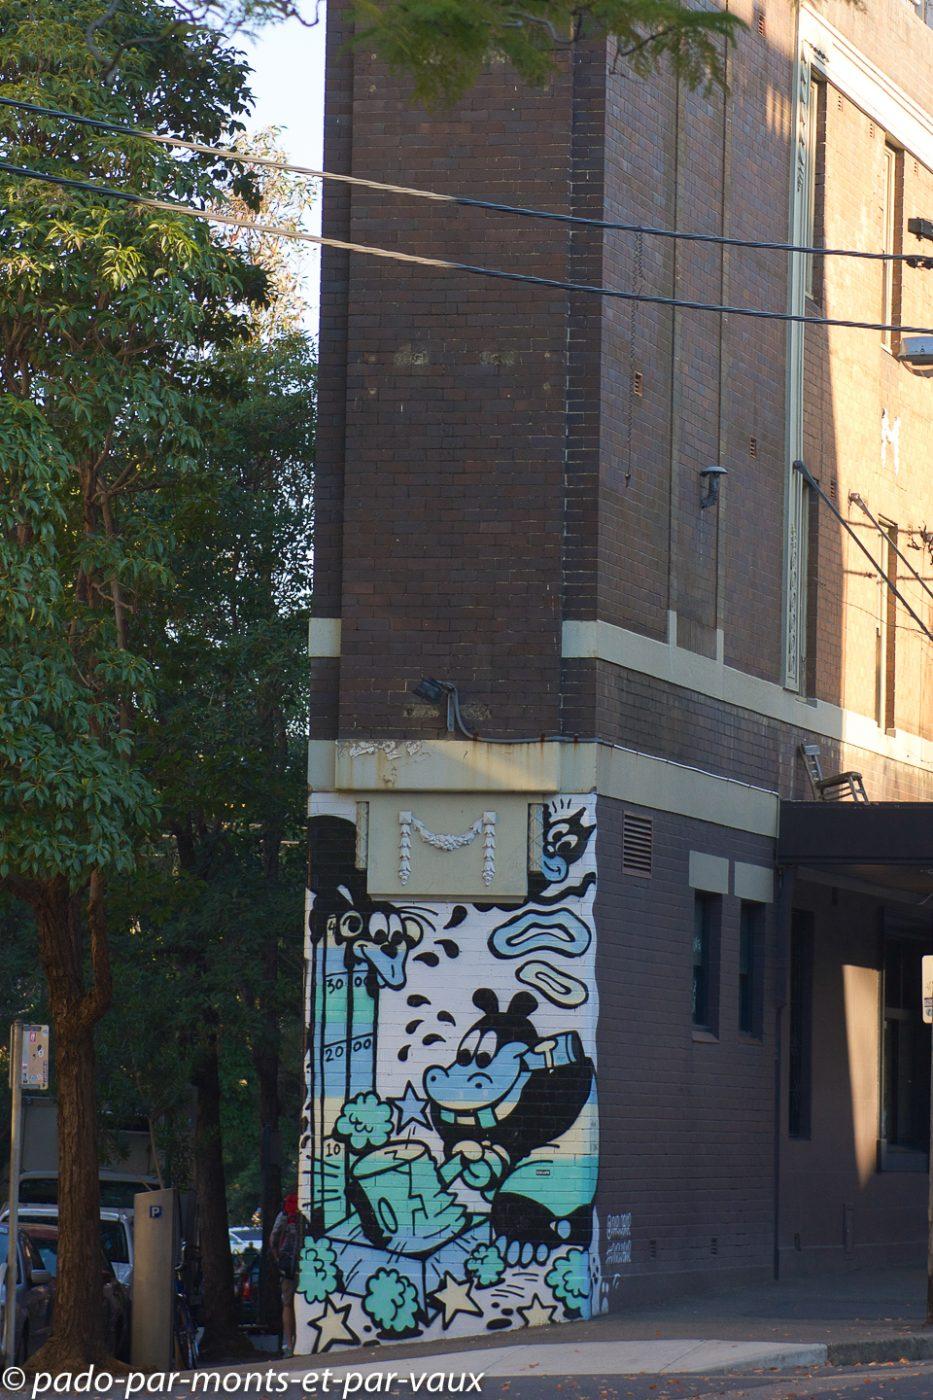 Street art Sydney - Kings cross